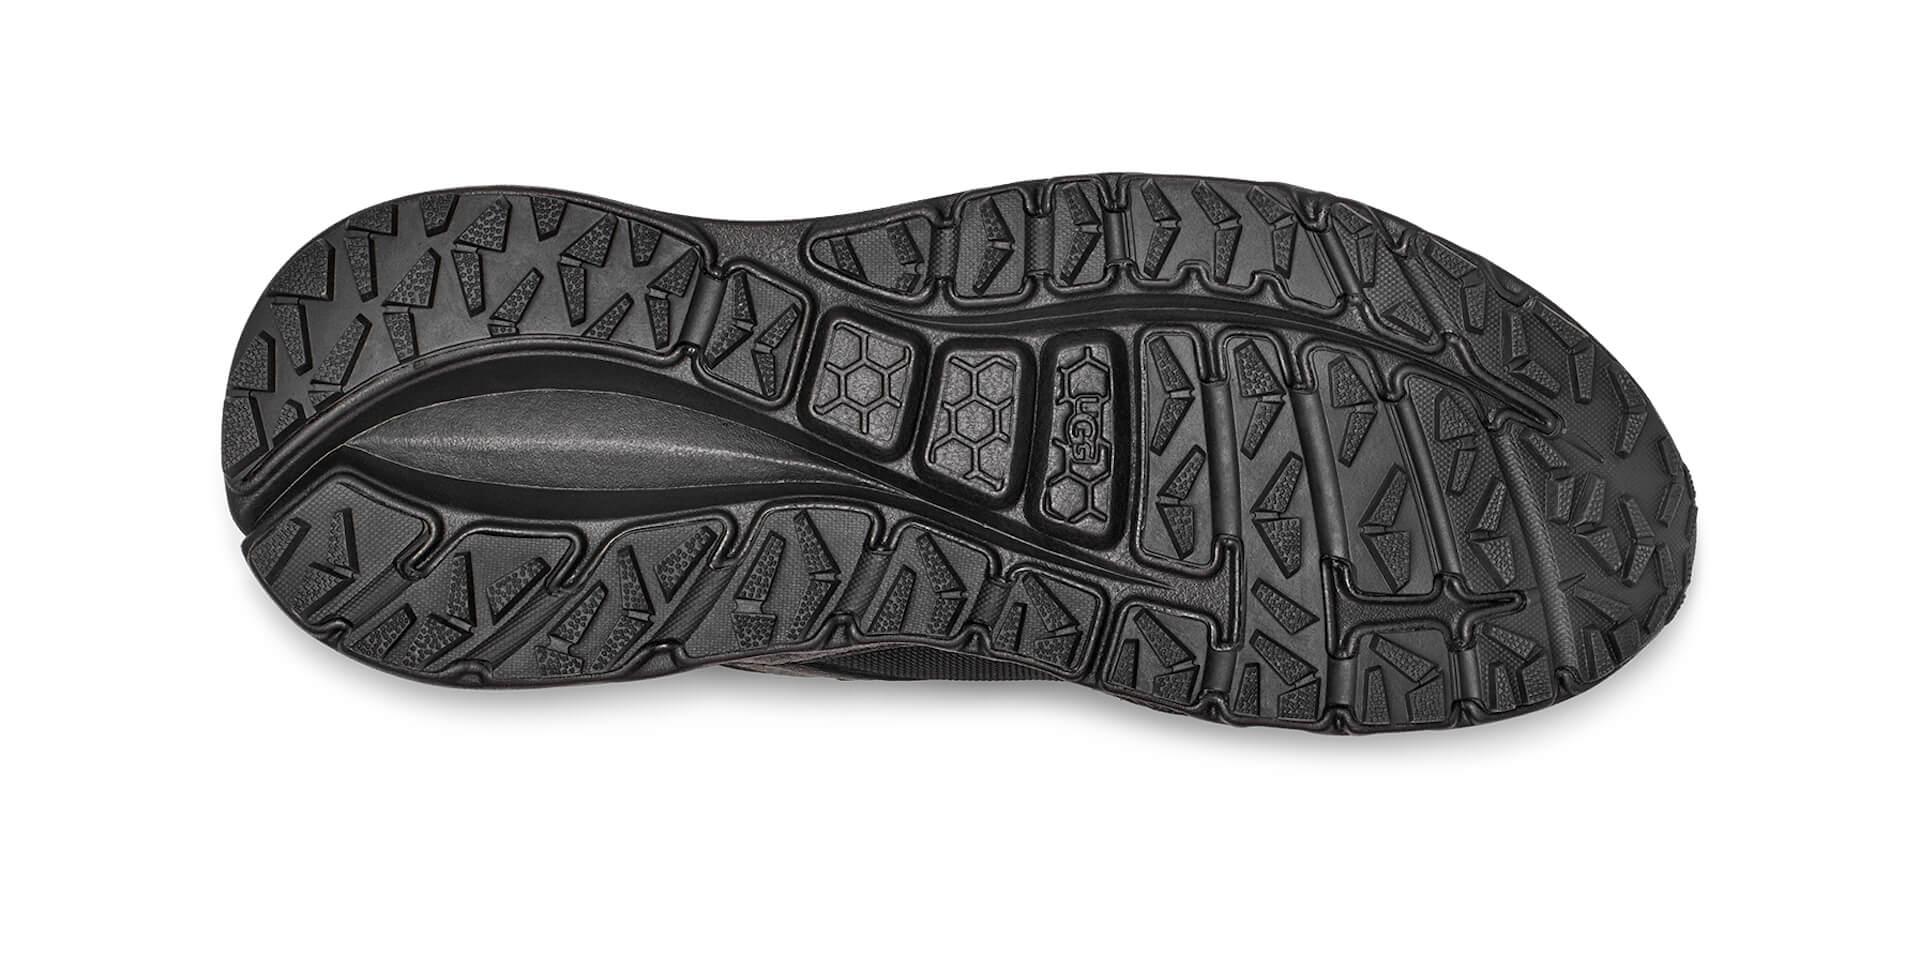 UGGのメンズ2021春夏コレクションが発表!定番「CA805」のシーズナルカラーや撥水性の高い新スニーカーも登場 life210121_ugg_23